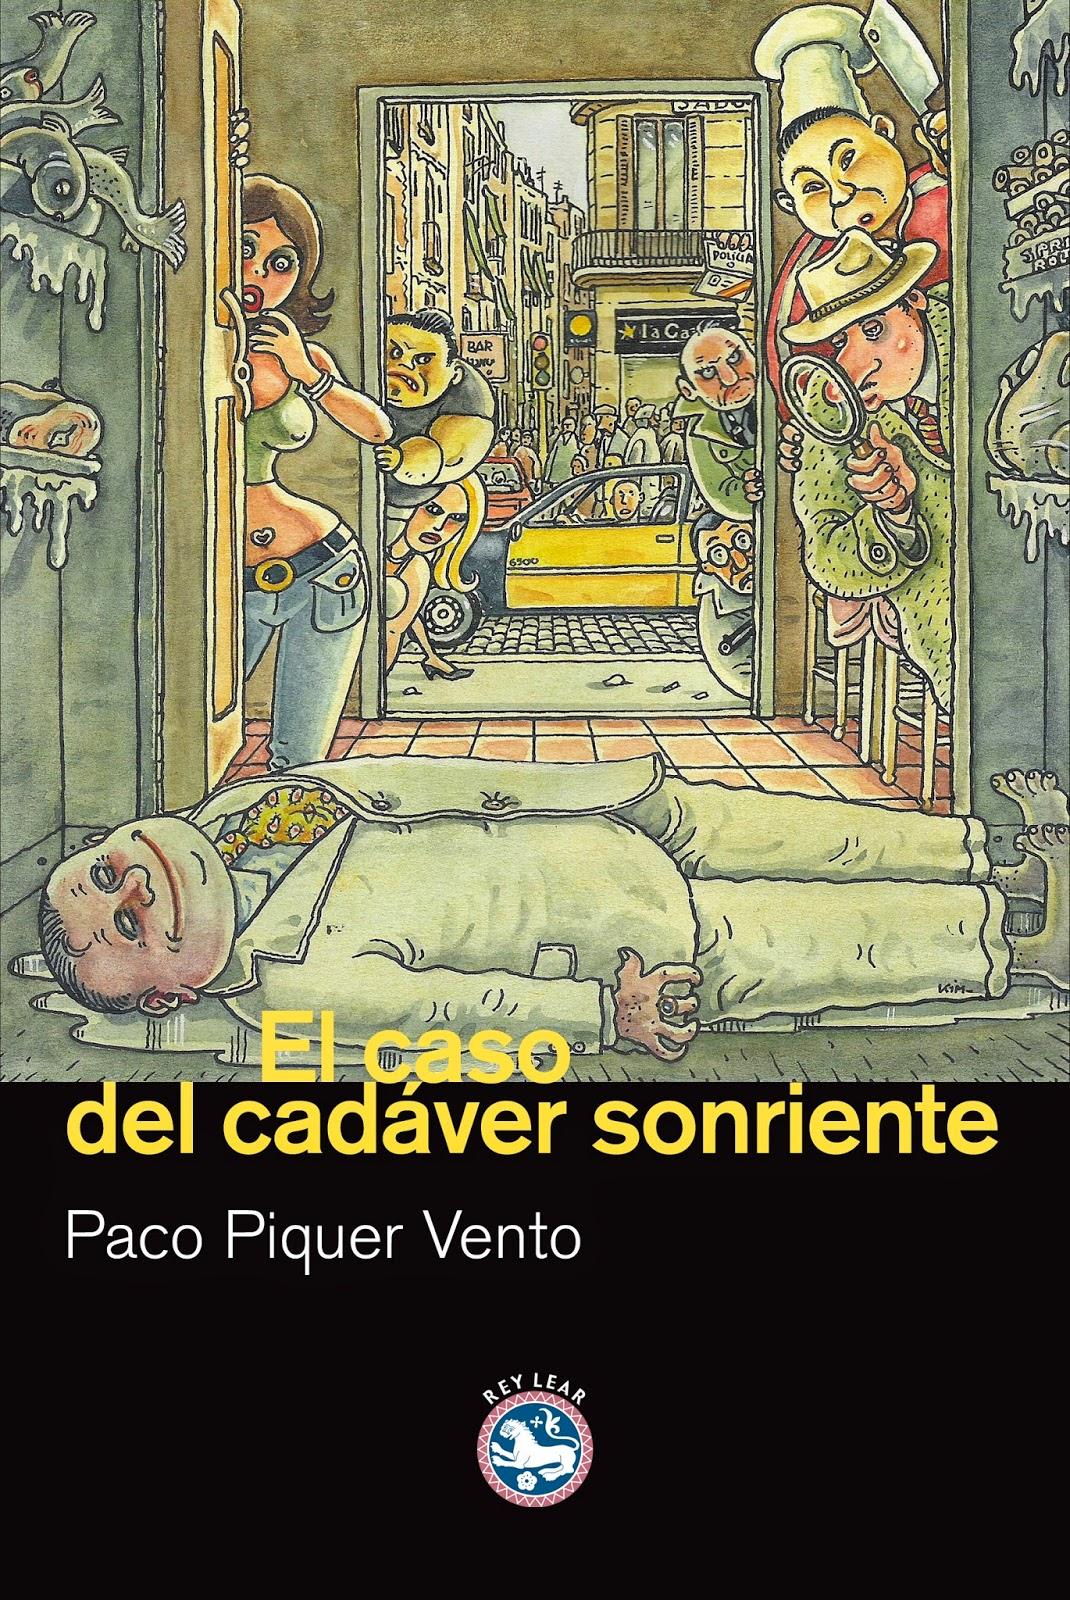 El caso del cadáver sonriente - Paco Piquer Vento (2007)